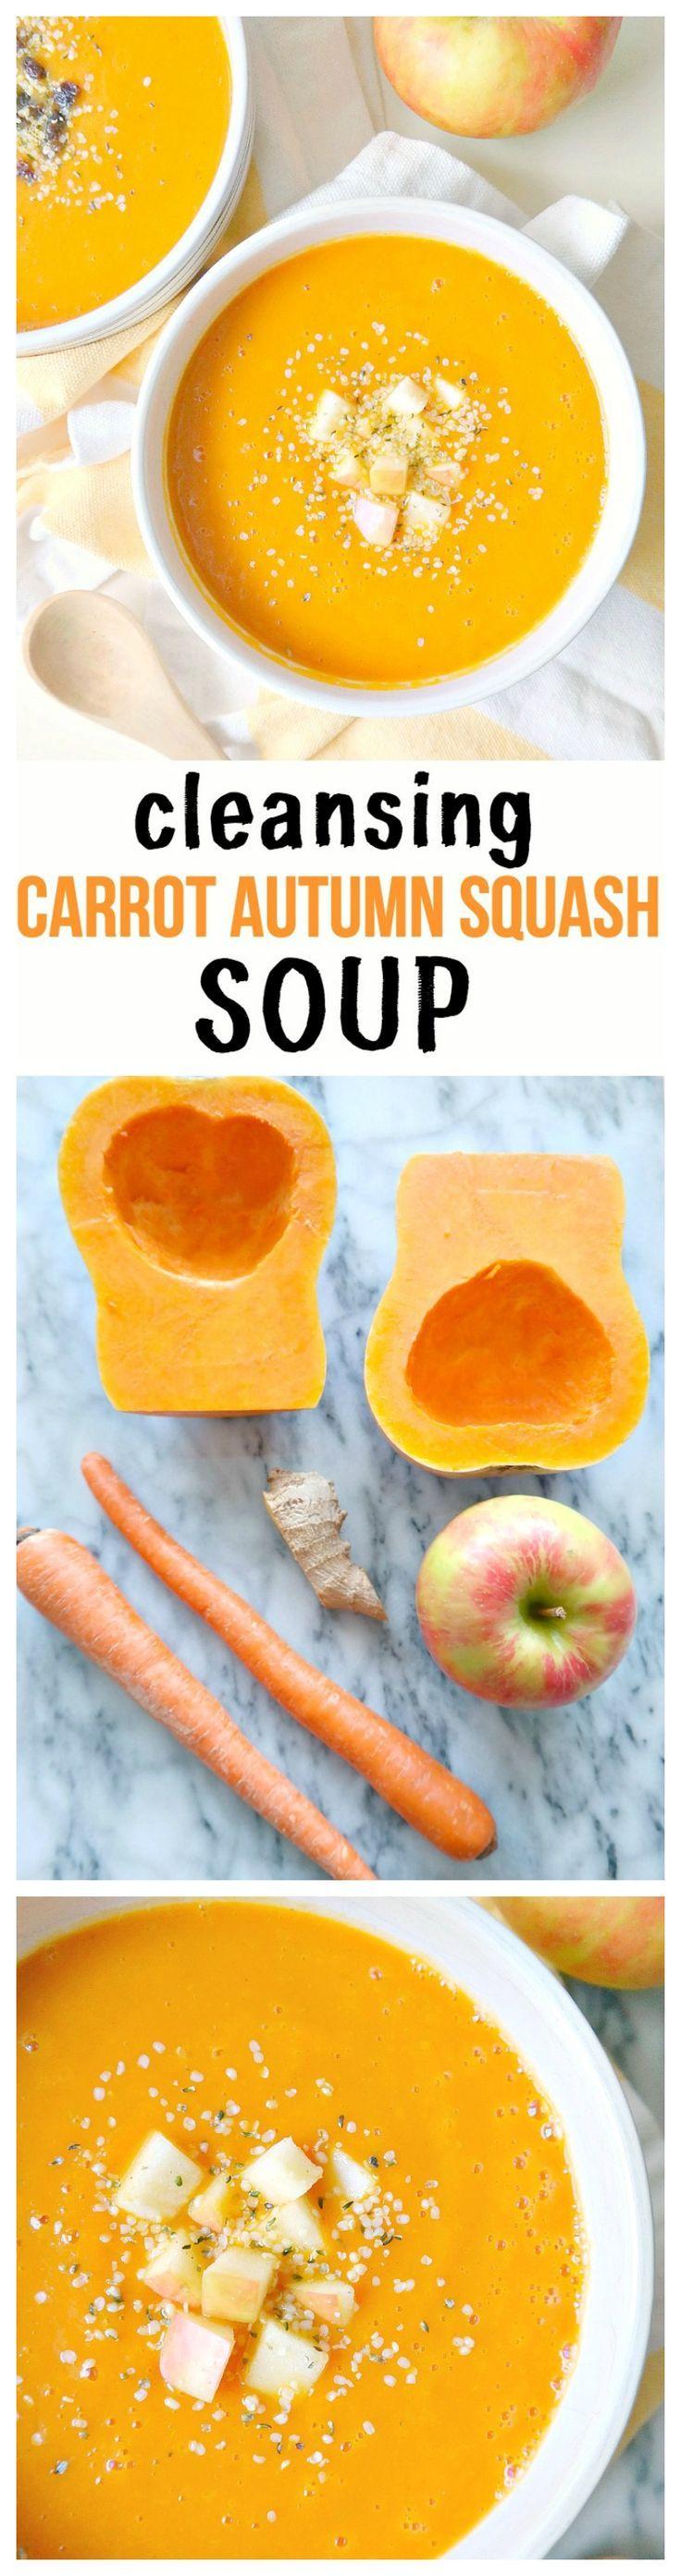 Butternut, carotte, gingembre et pomme...à essayer !